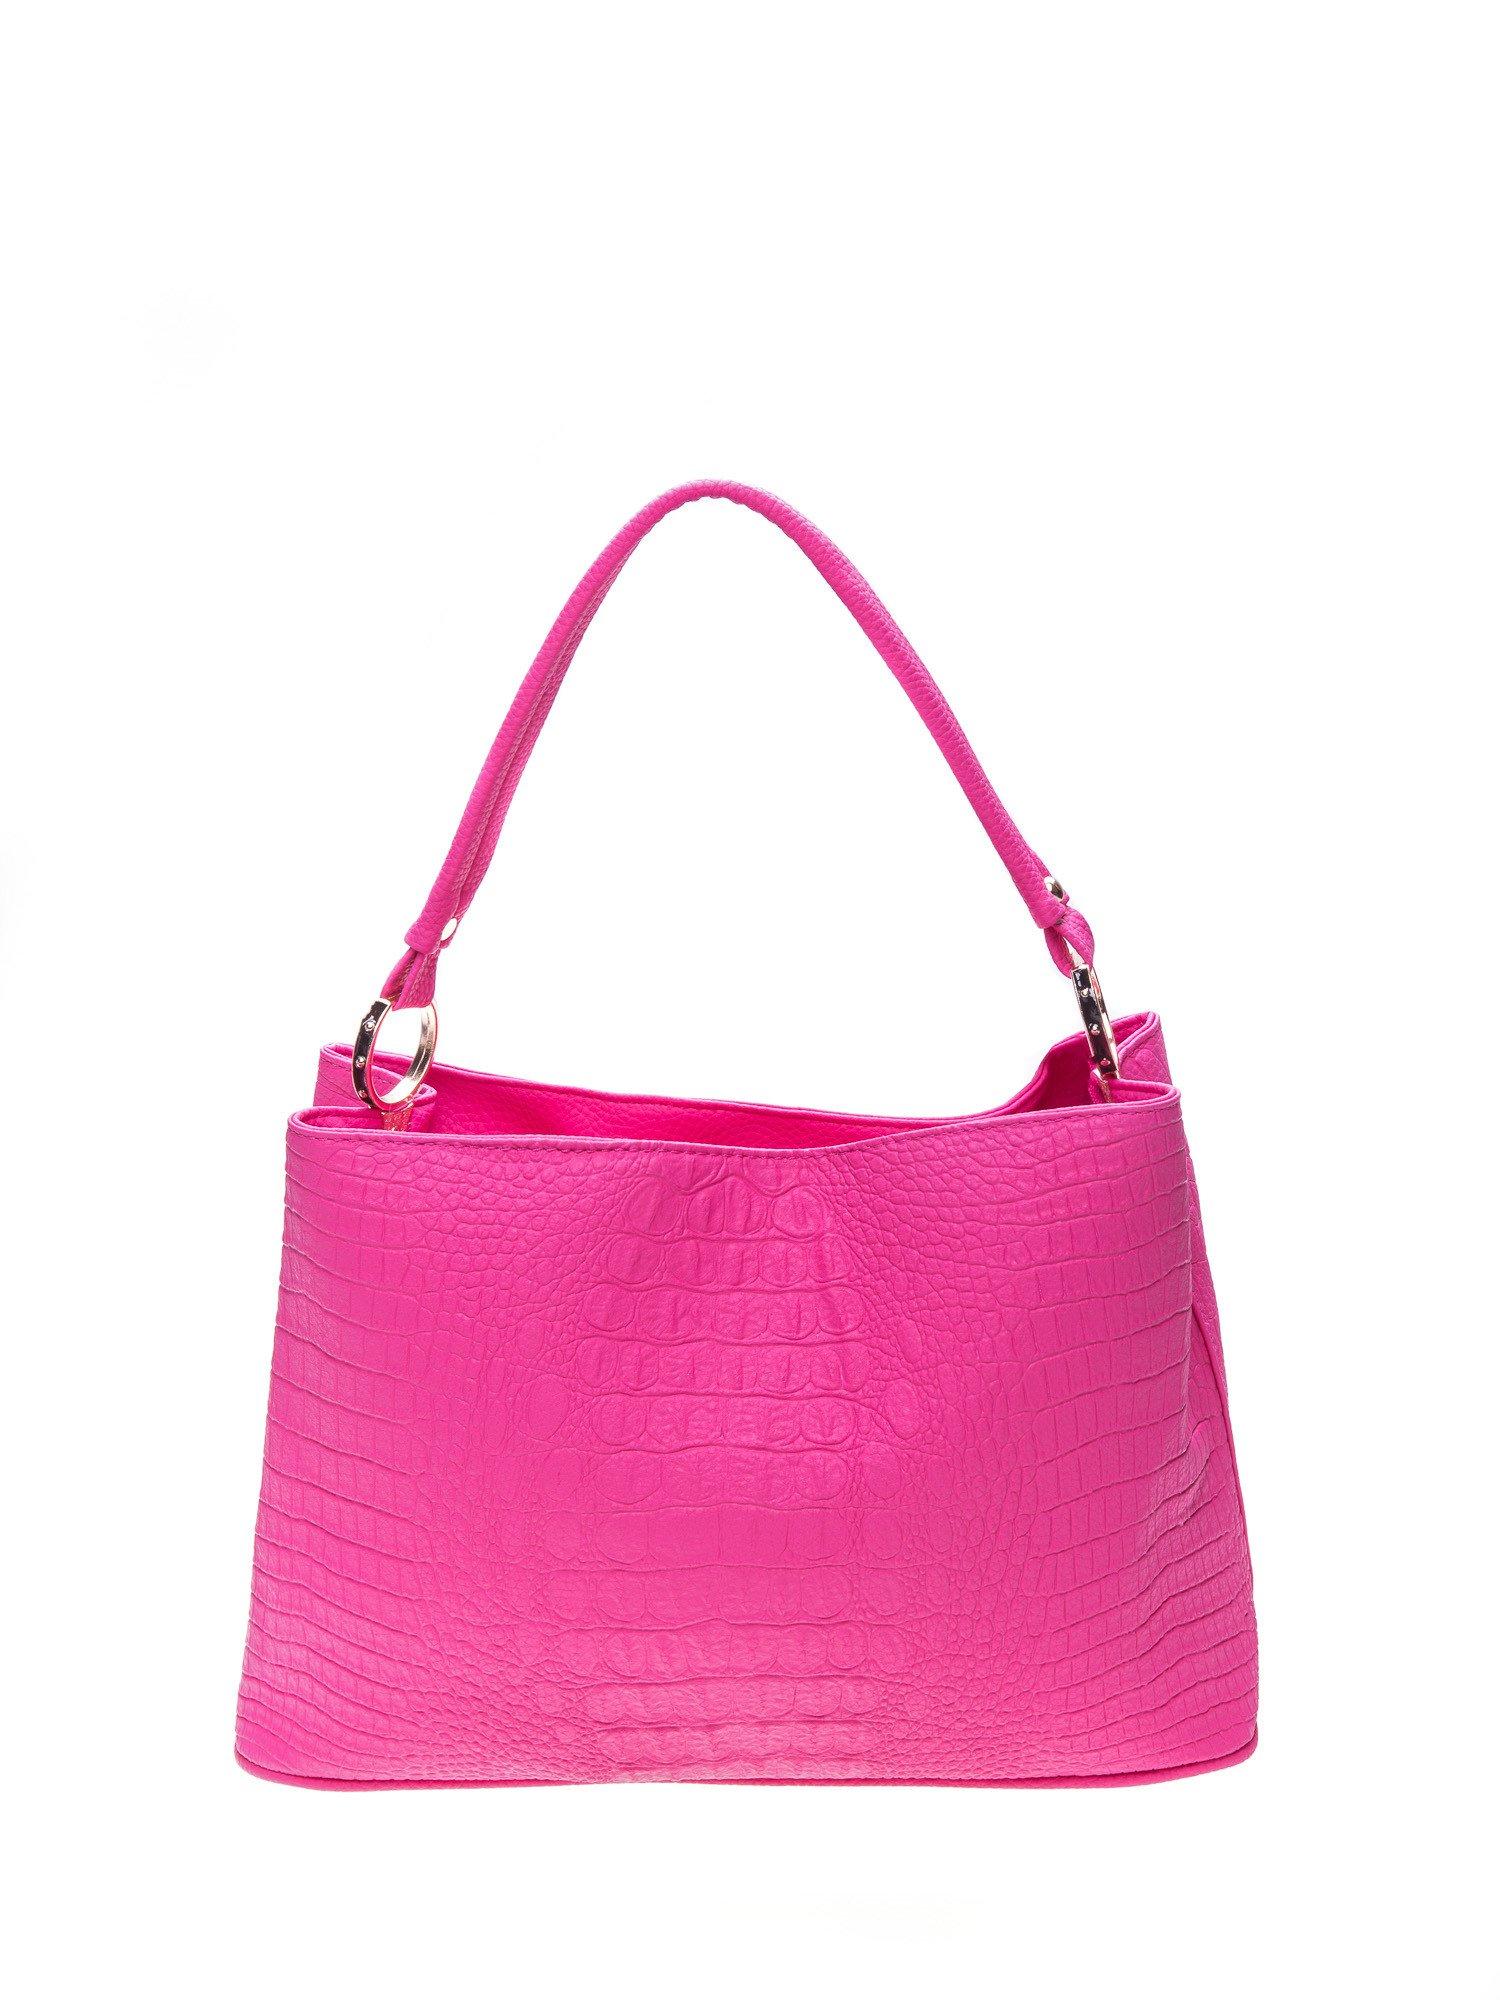 Różowa torebka na ramię tłoczona na wzór skóry krokodyla                                  zdj.                                  1